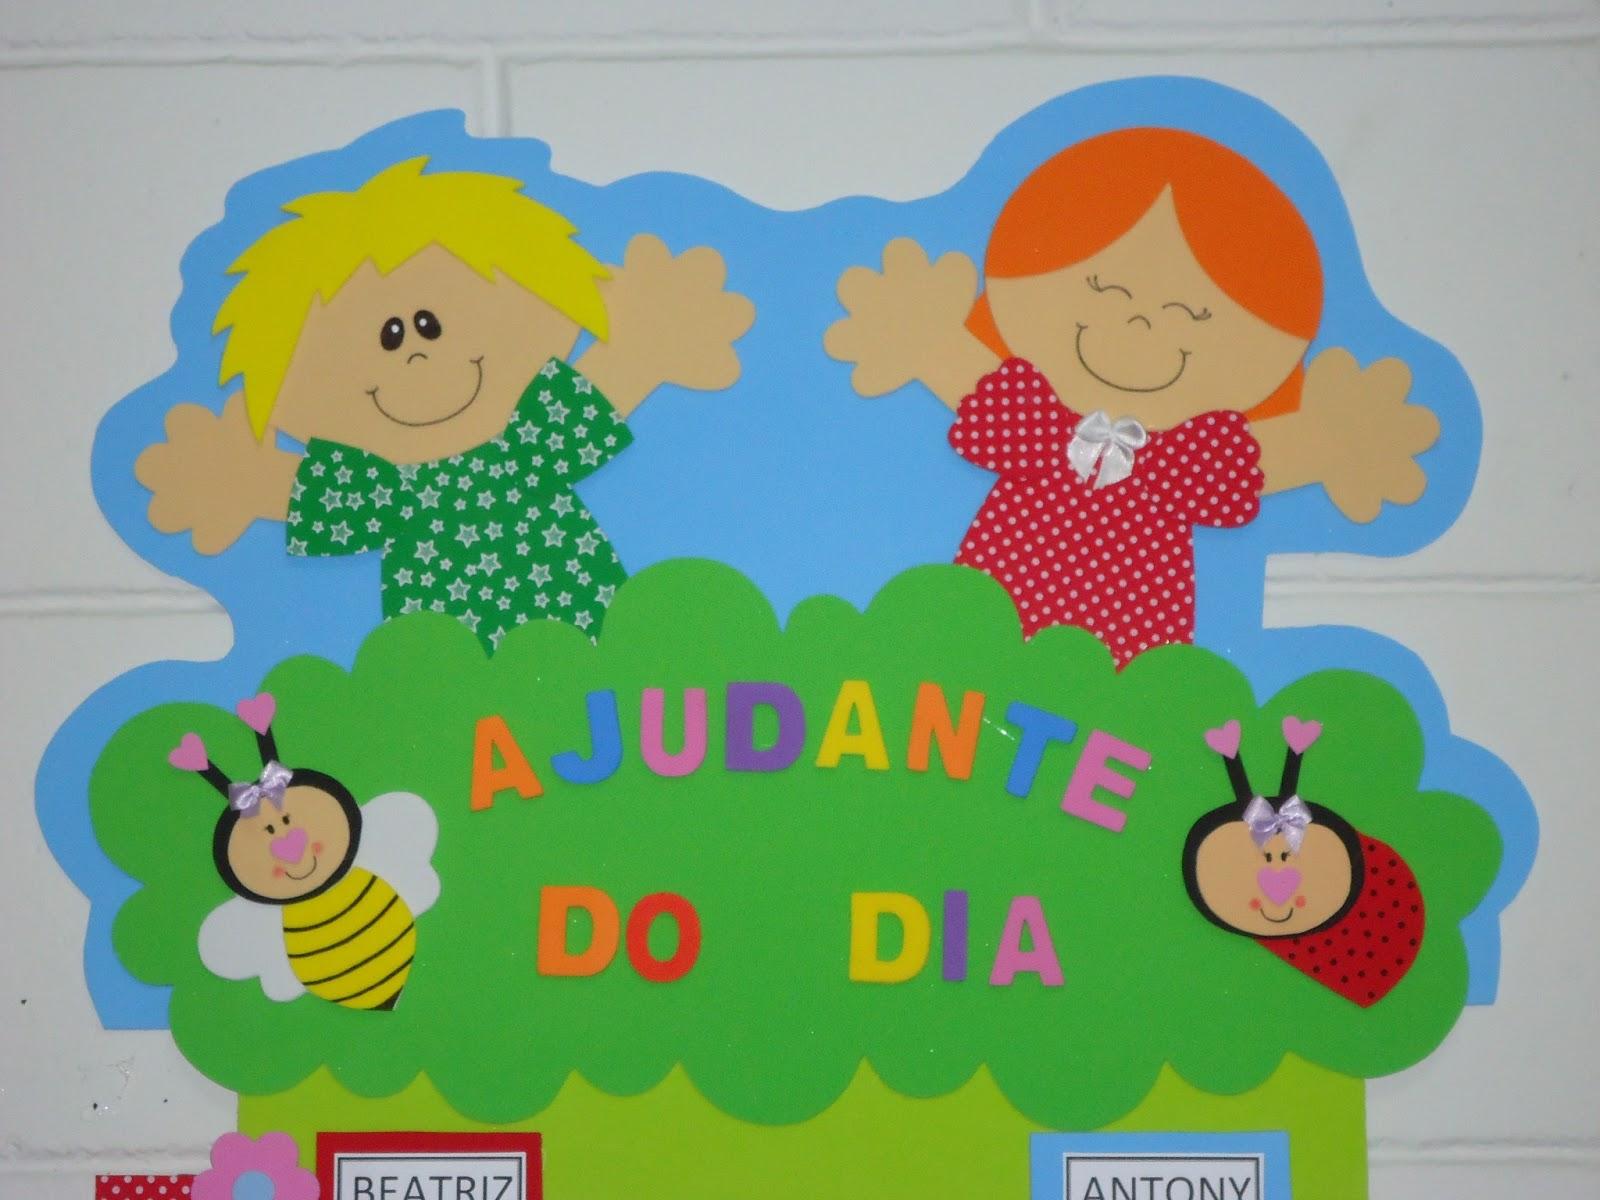 Cartazes para o ajudante do dia - Painéis e Murais em EVA